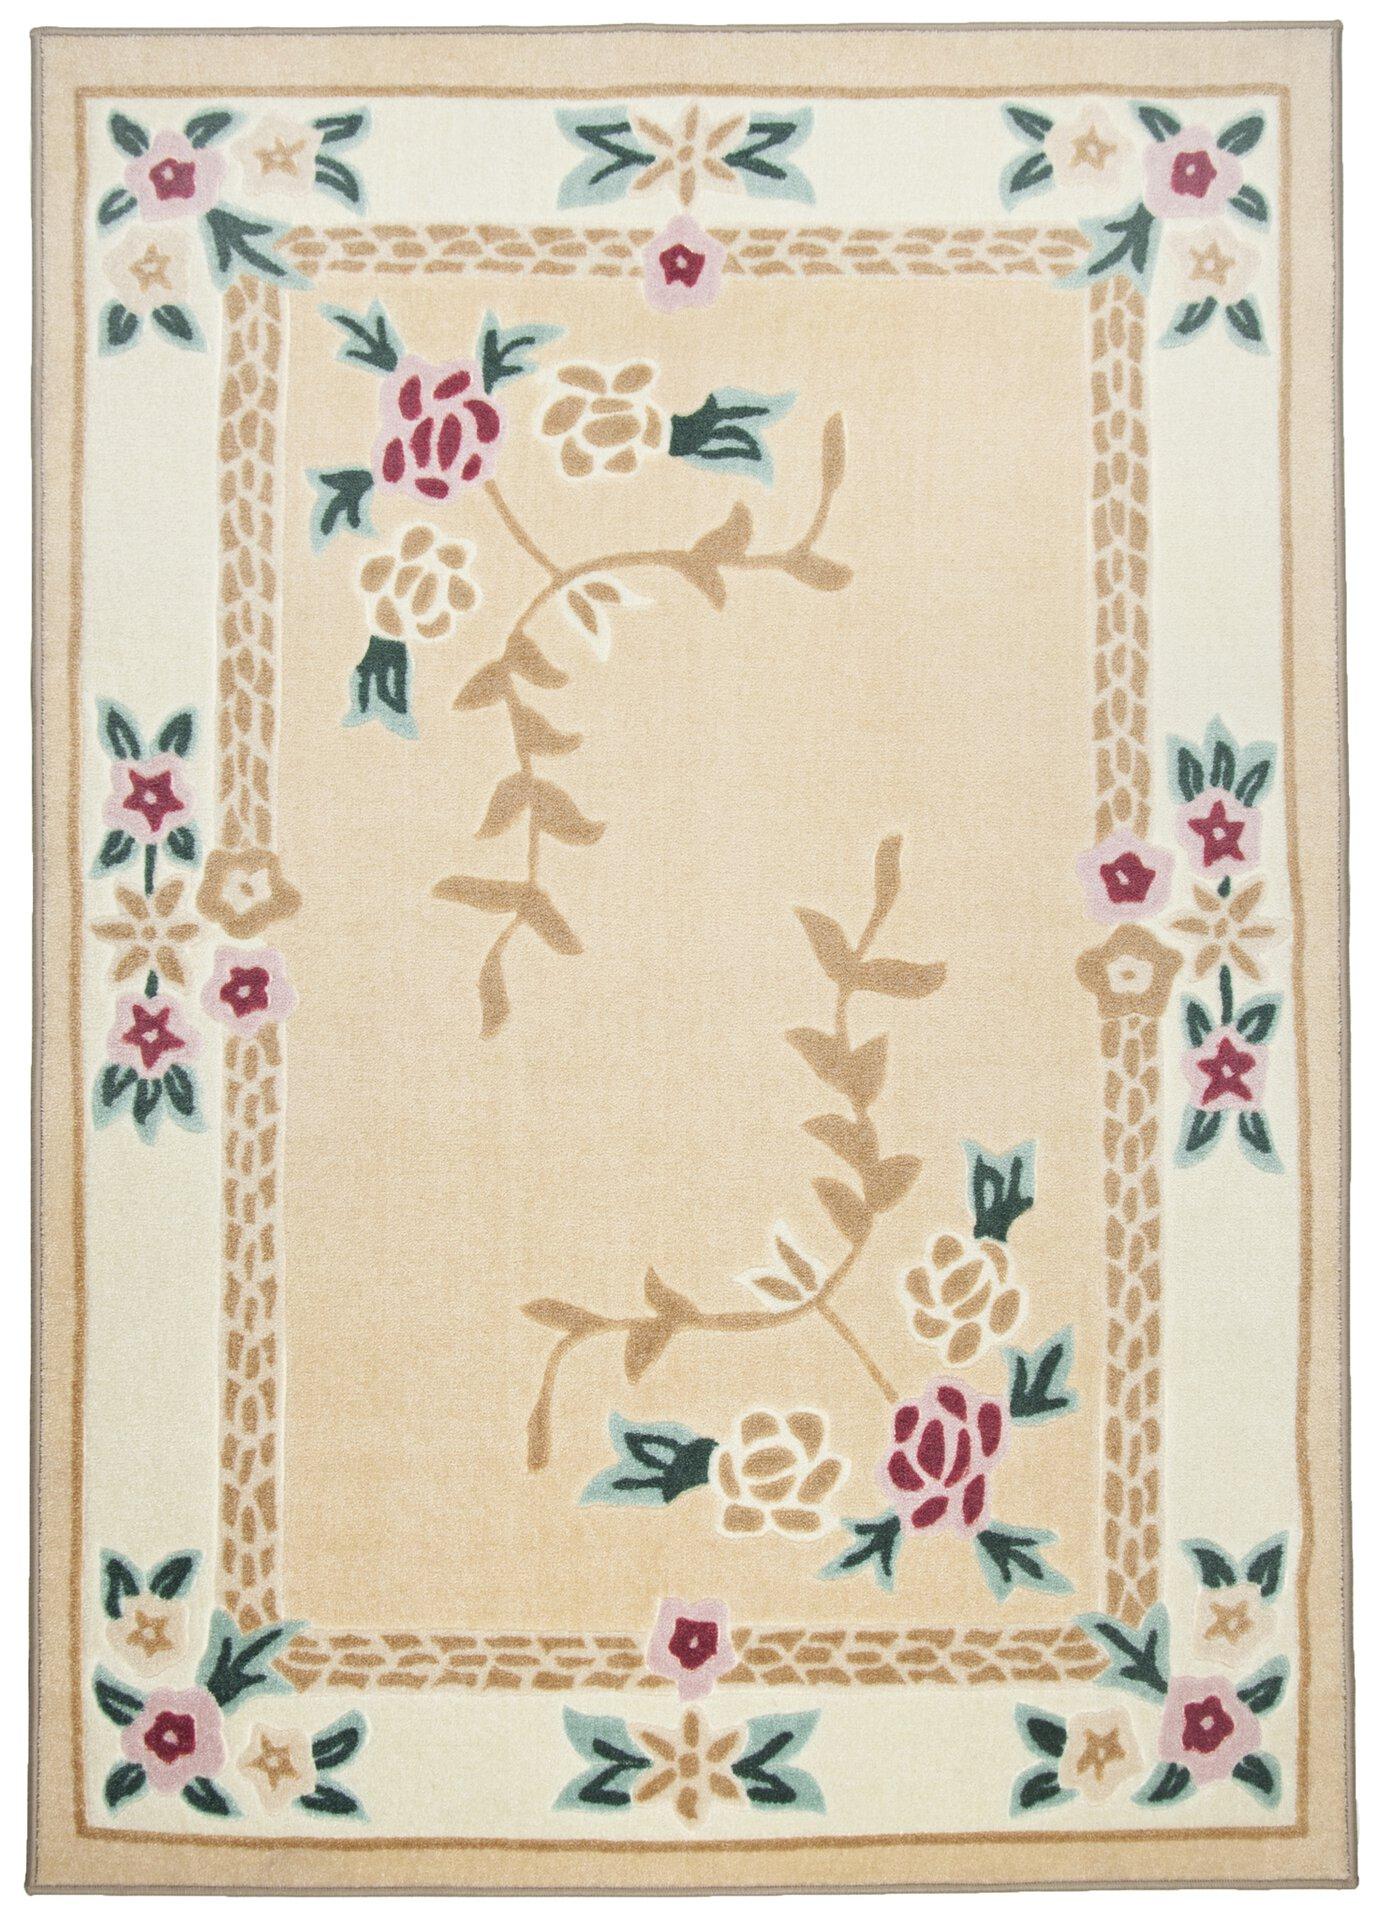 Maschinenwebteppich Versailles Theko Textil braun 1 x 1 cm